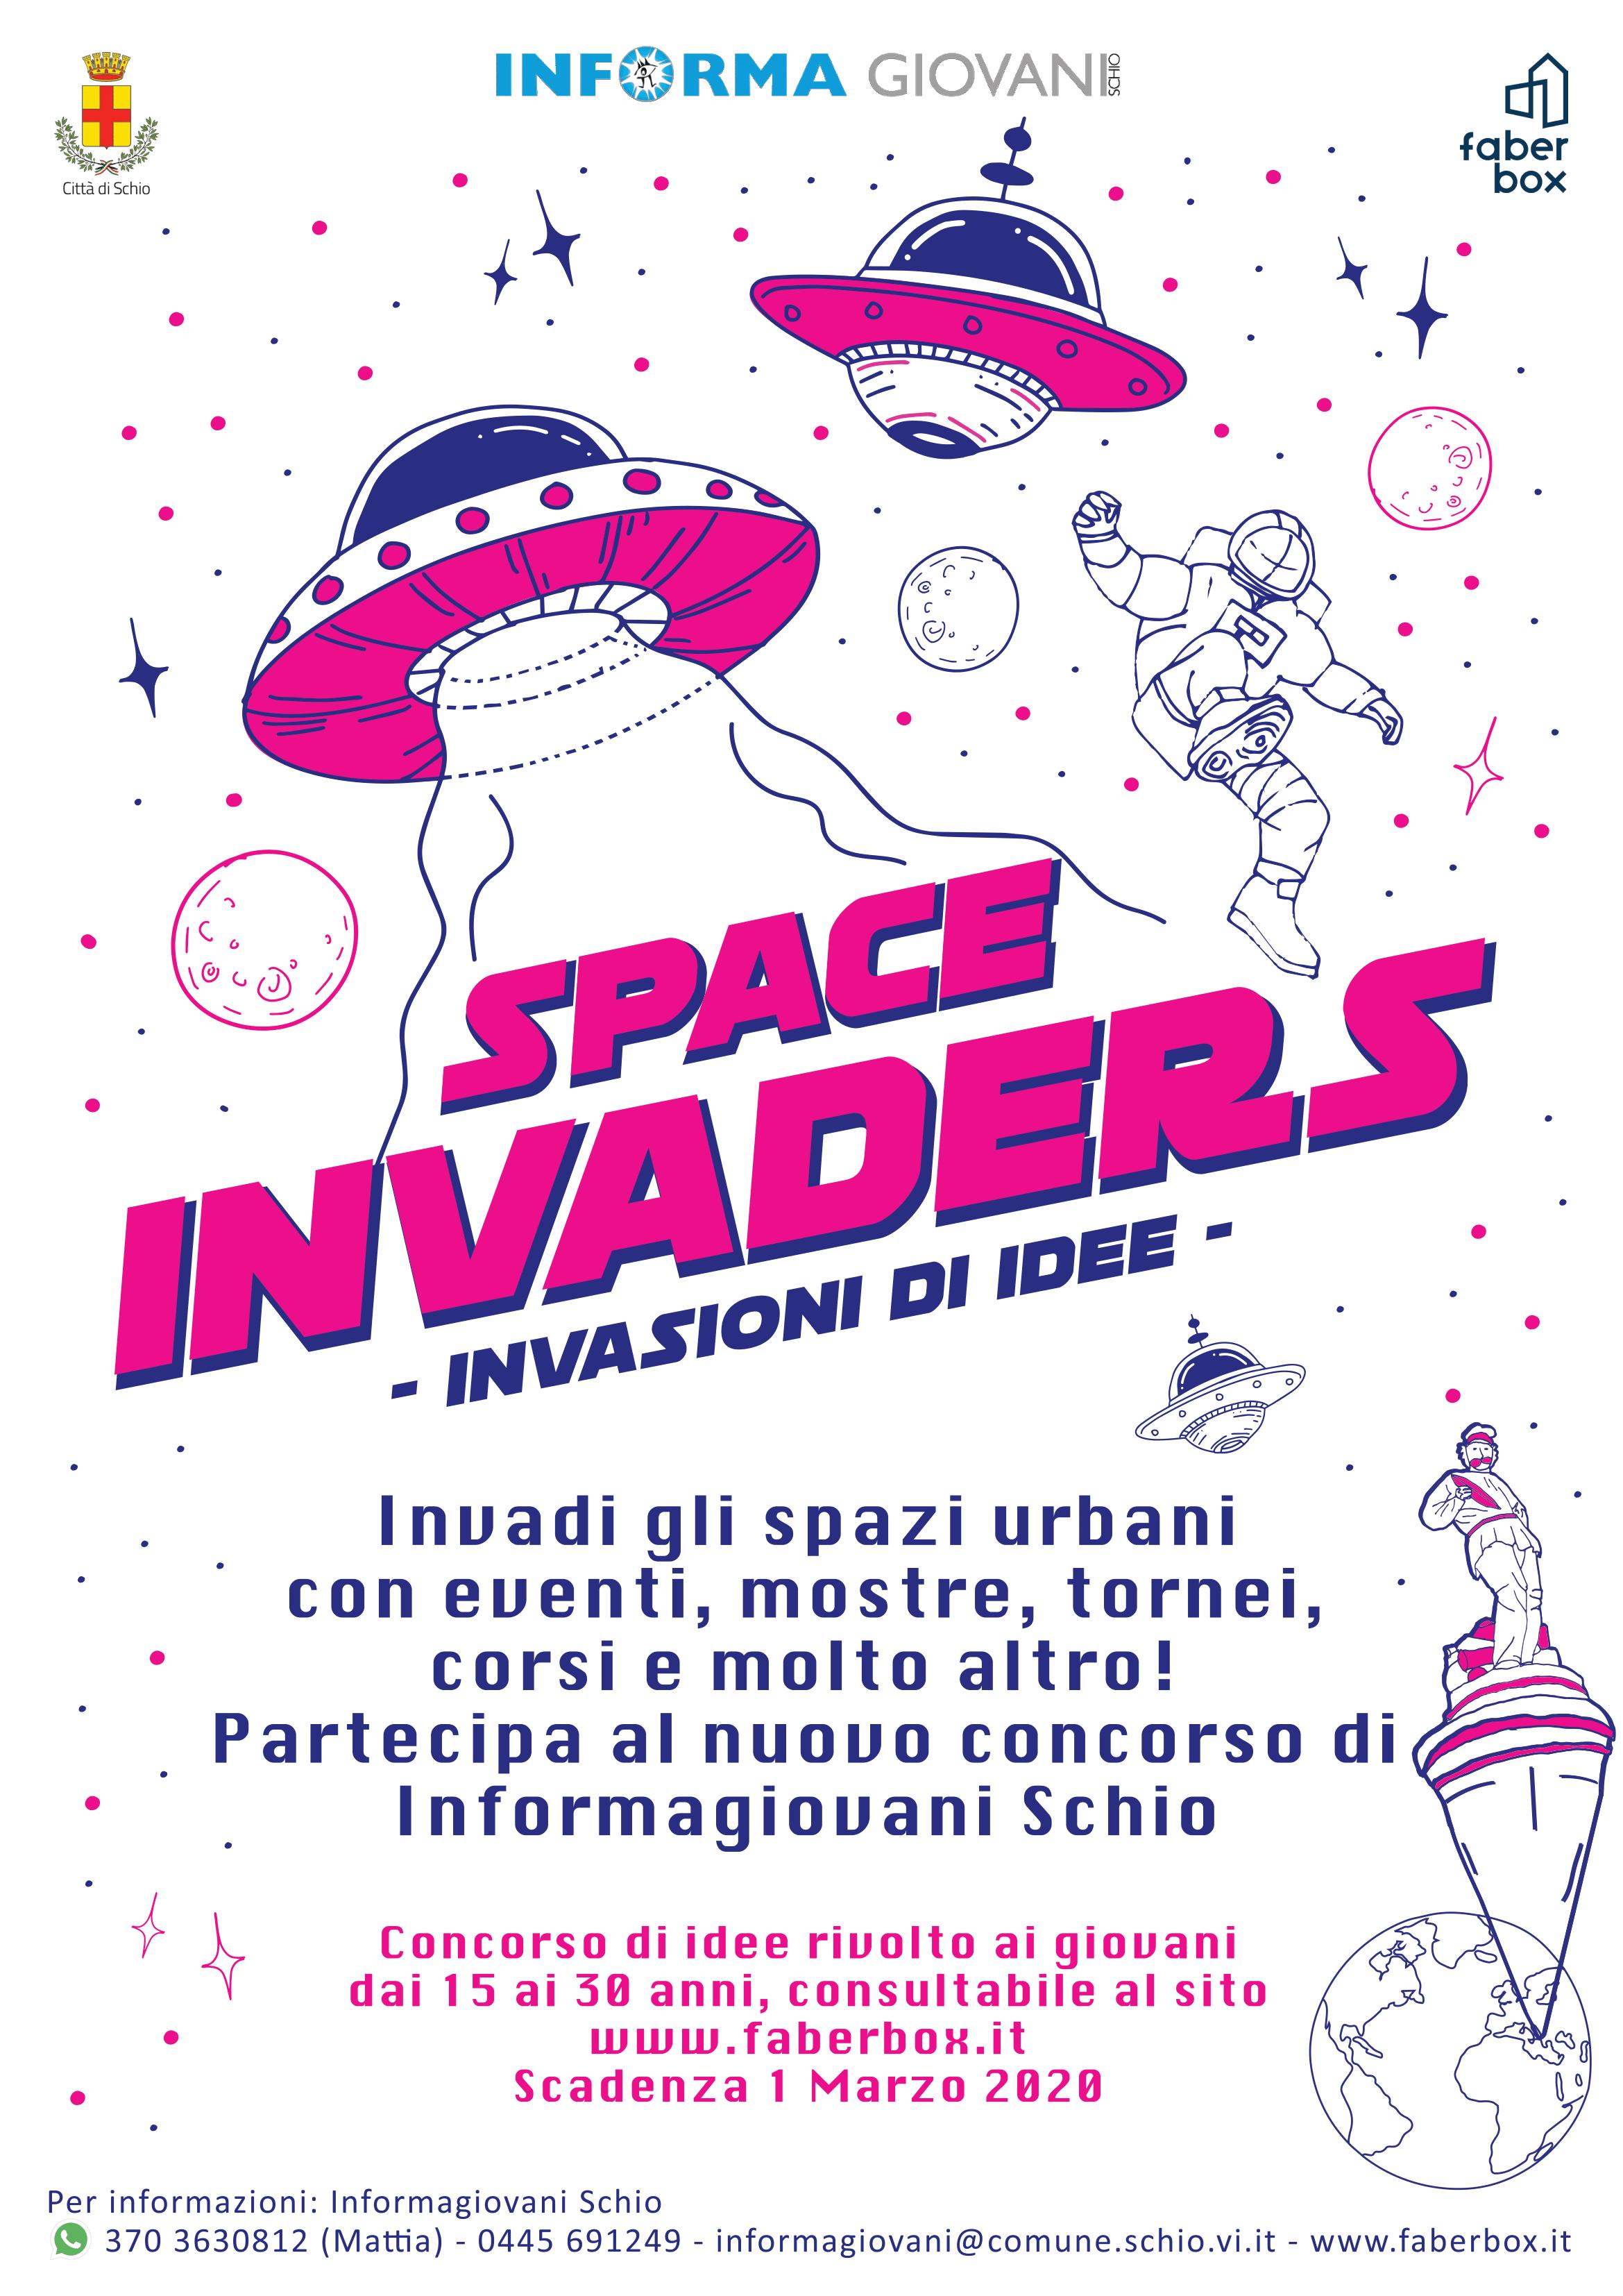 SPACE INVADERS 2020 – invasioni di idee